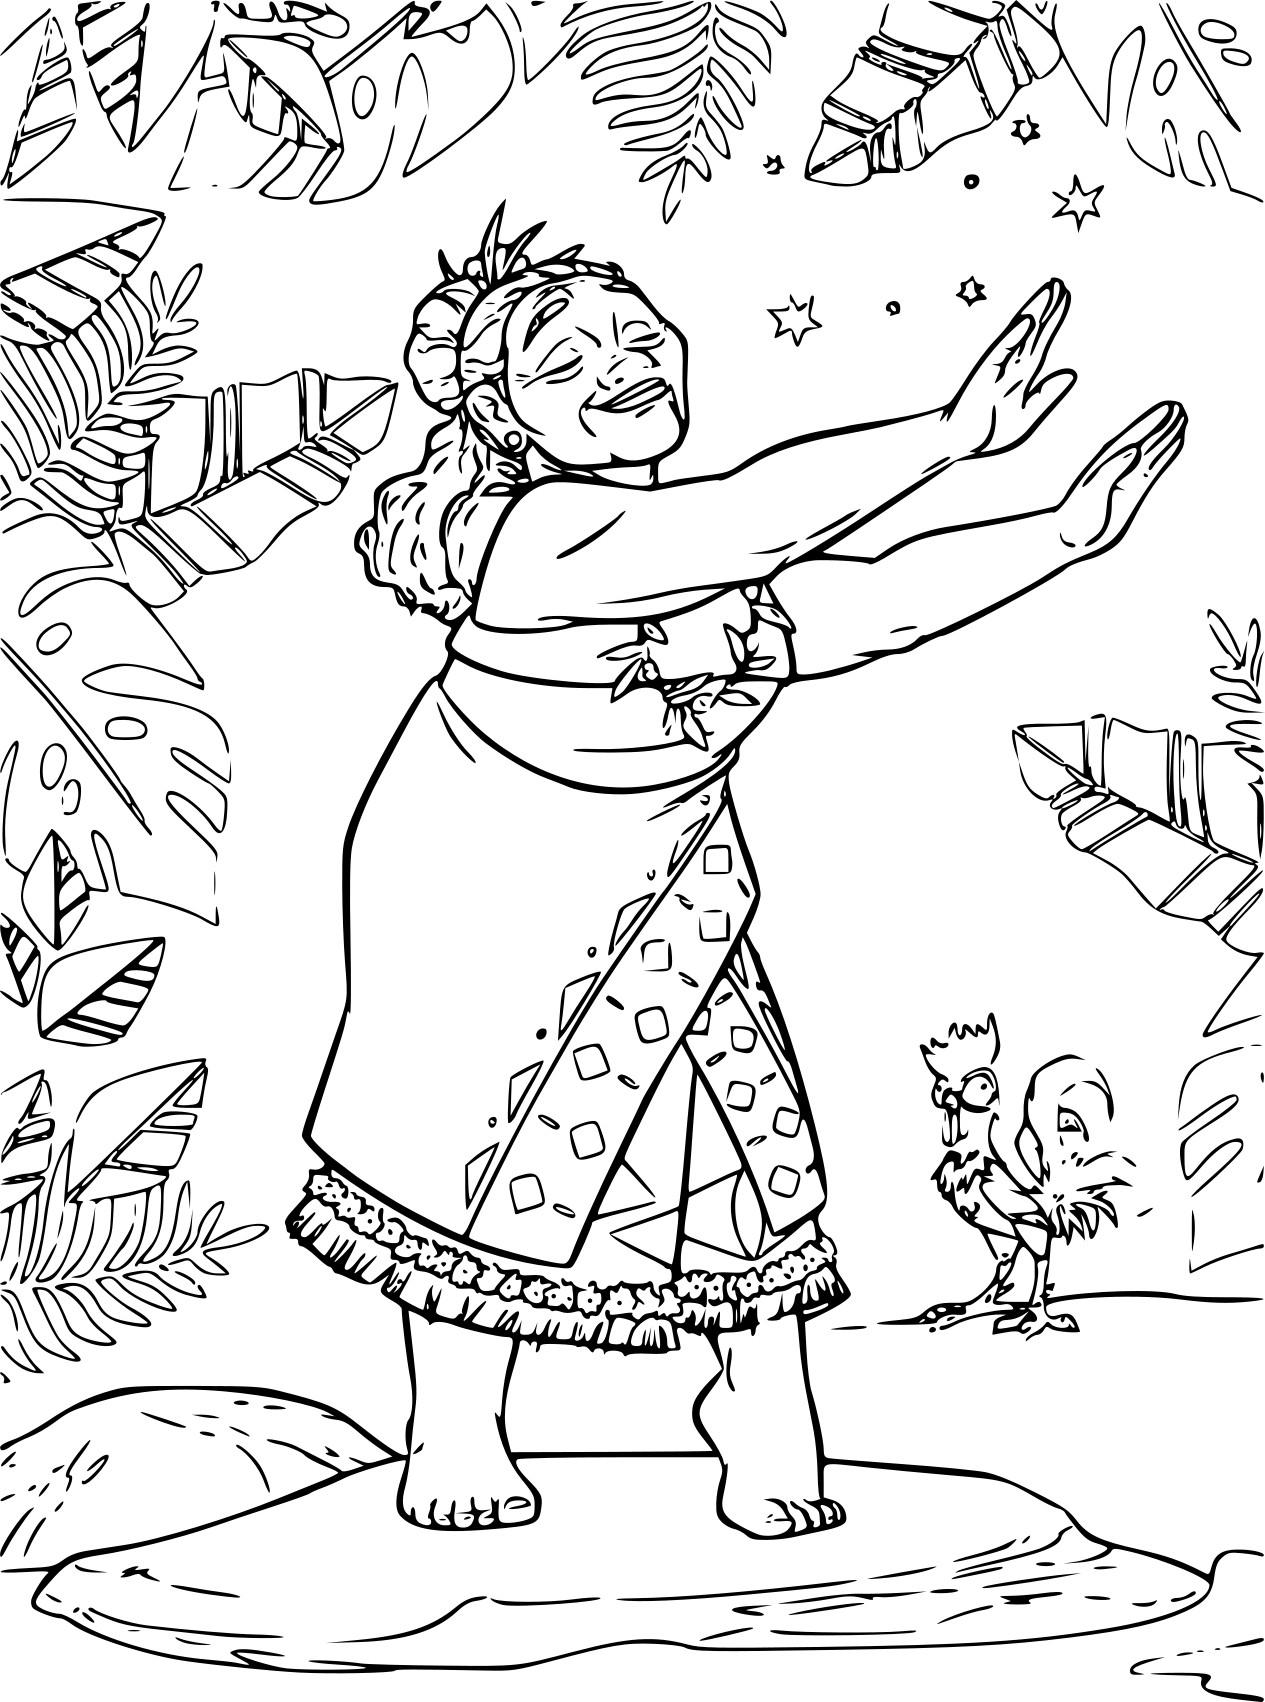 Coloriage Grand-Mère Vaiana À Imprimer Gratuit destiné Coloriage Sur La Mer À Imprimer